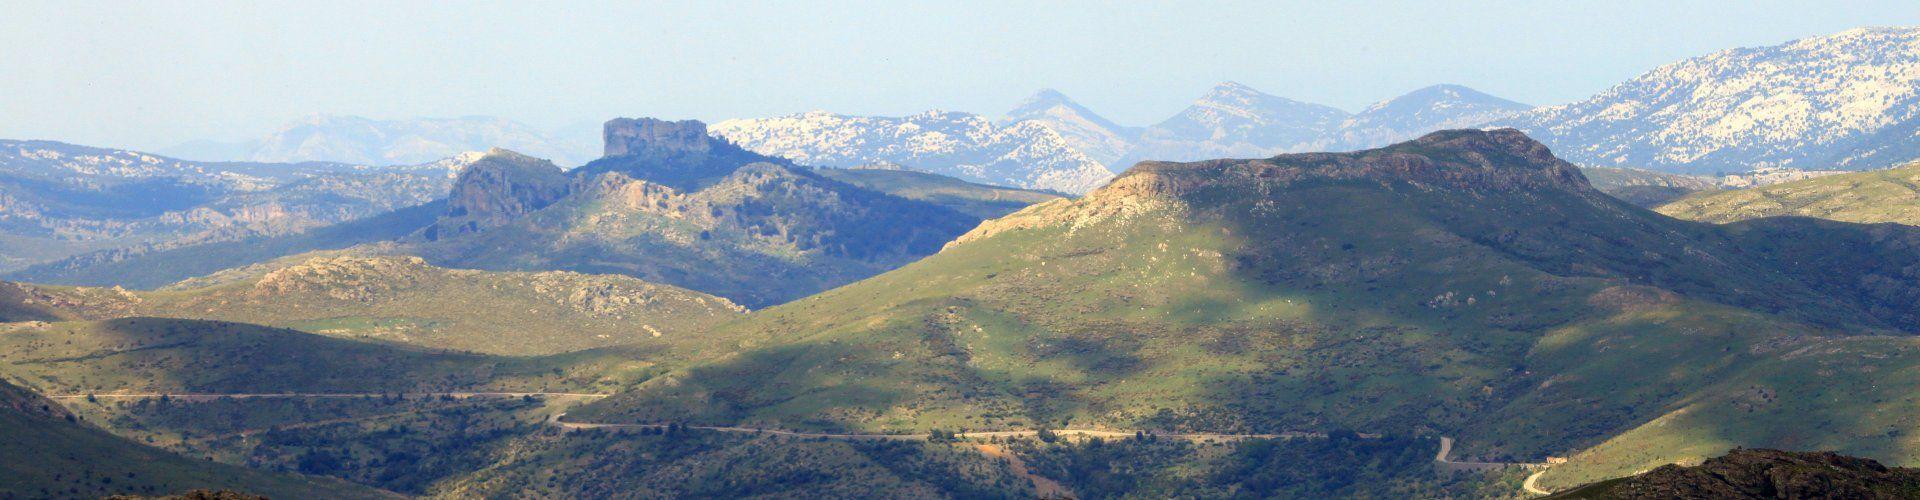 Barbagia, Monti del Gennargentu